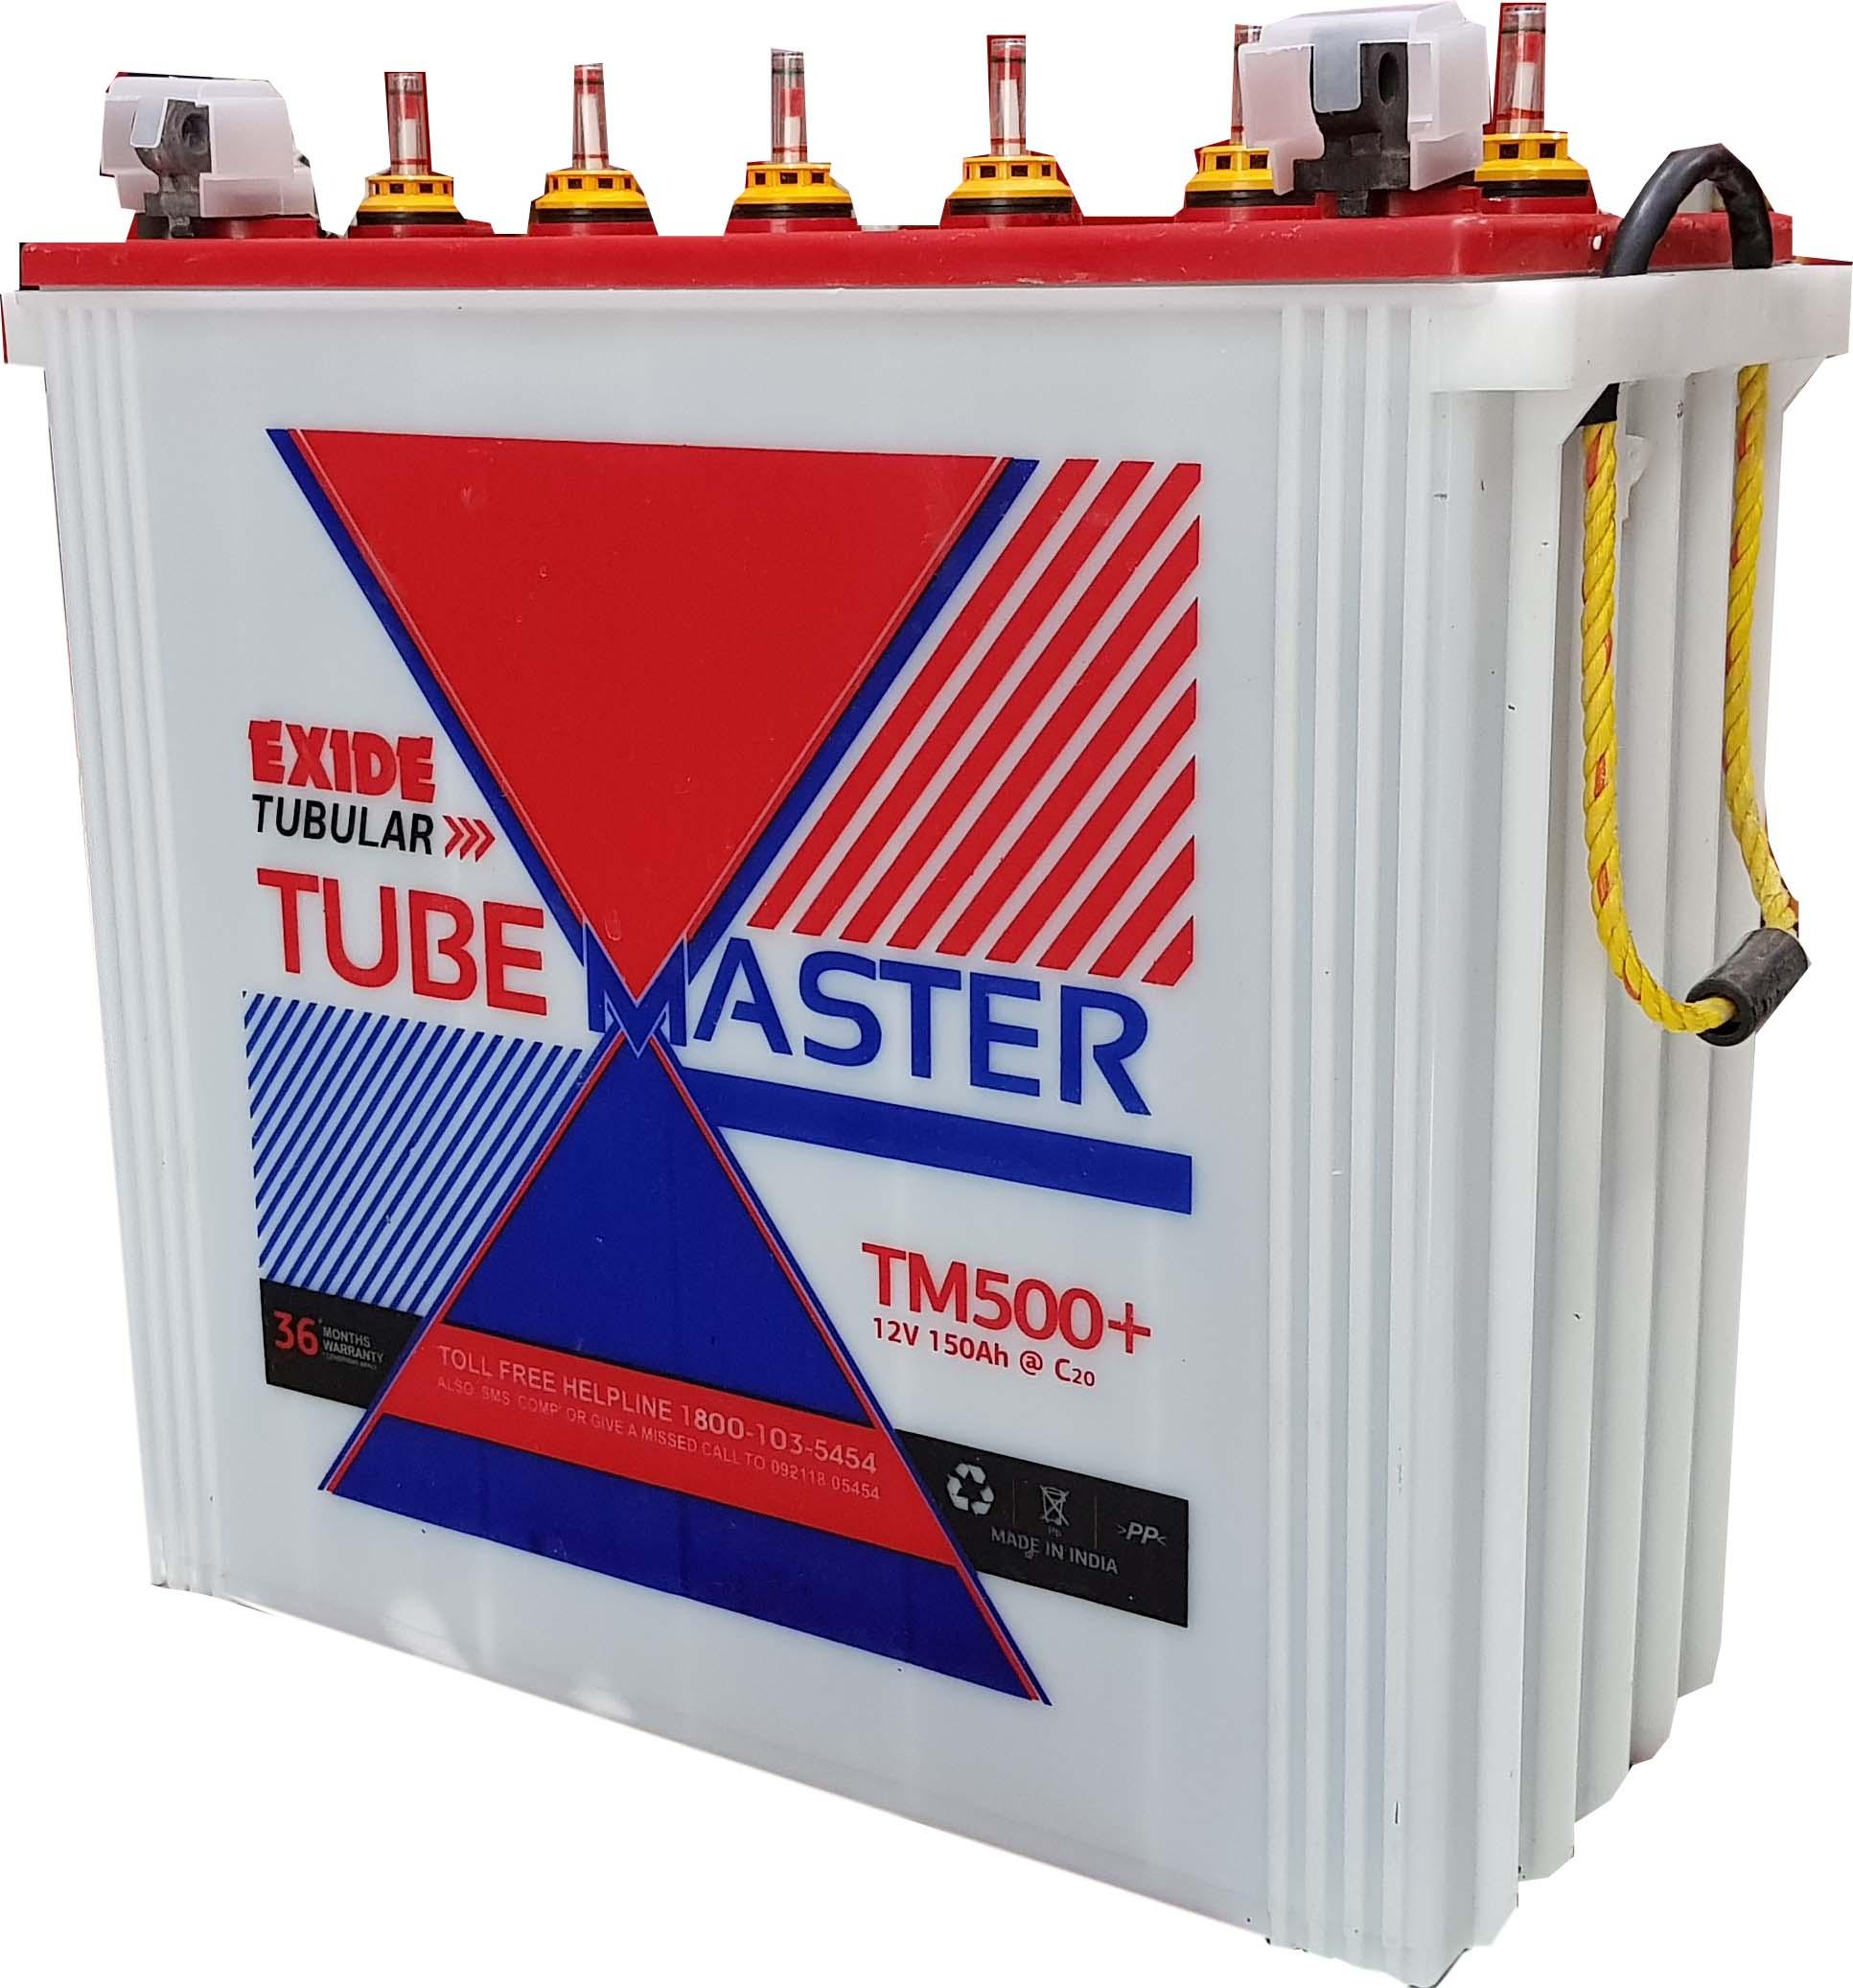 Exide Tubemaster Tall Tubular 150 ah battery for inverter